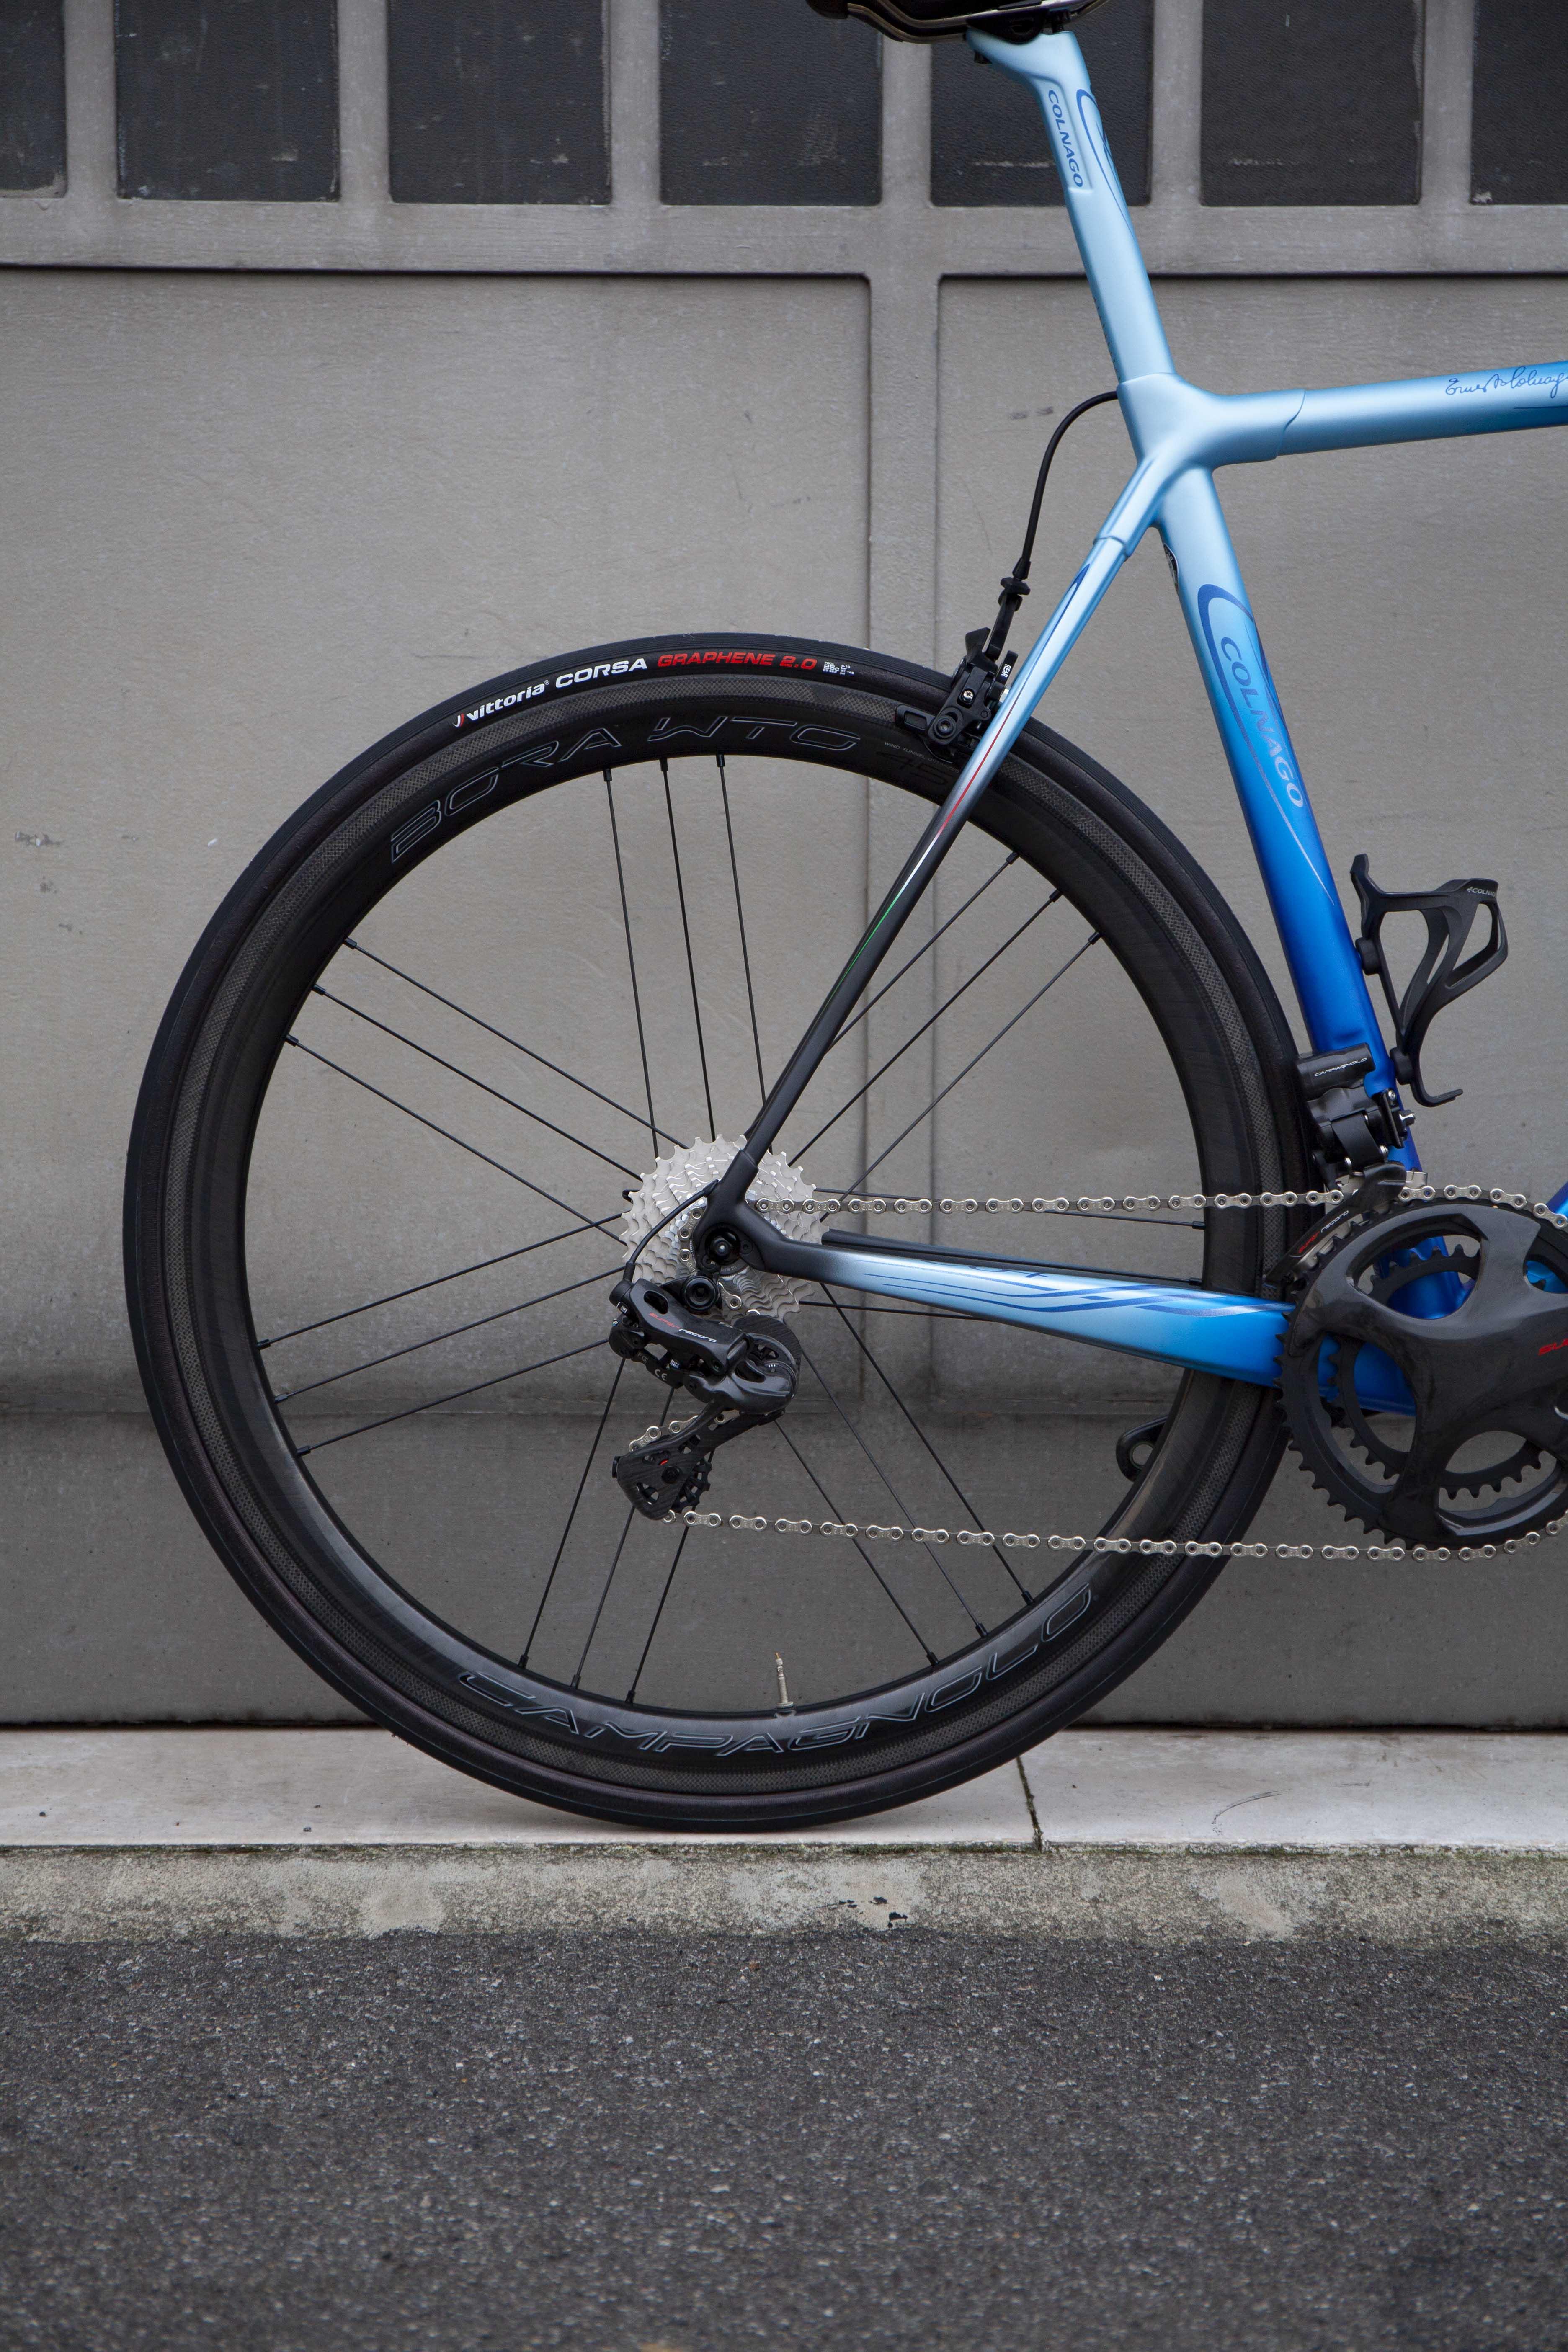 Cicli Corsa colnago C64 58s rim BDBL_3